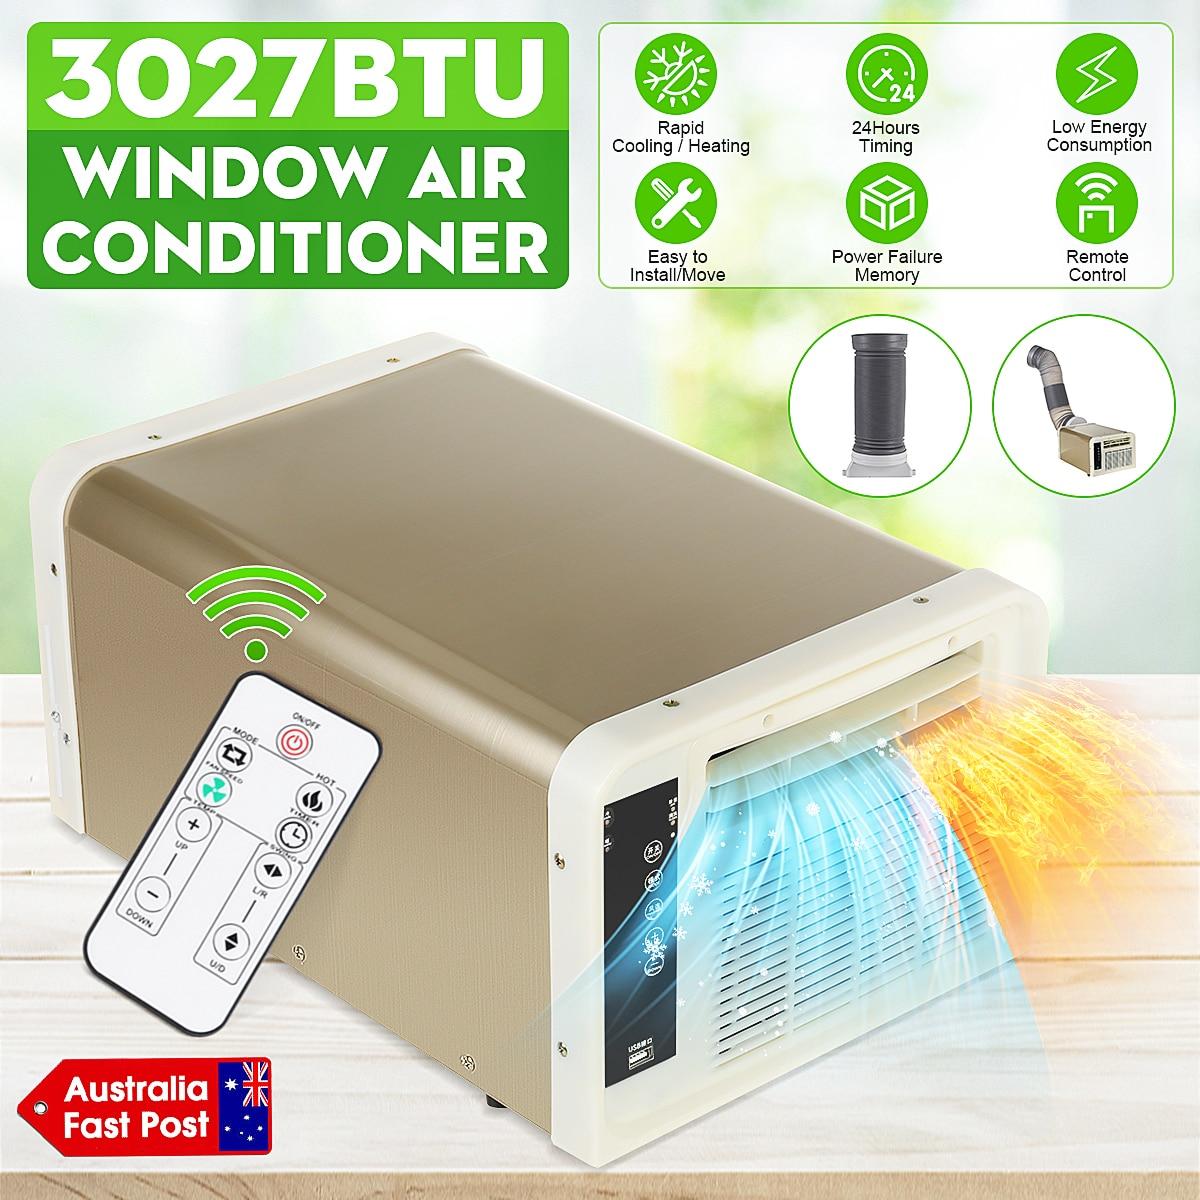 مكيف هواء صغير لسطح المكتب 220 فولت/تيار متردد بارد/حرارة سخان المنزل برودة الموقت + التحكم عن بعد LED لوحة التحكم الحيوانات الأليفة مكيف الهواء